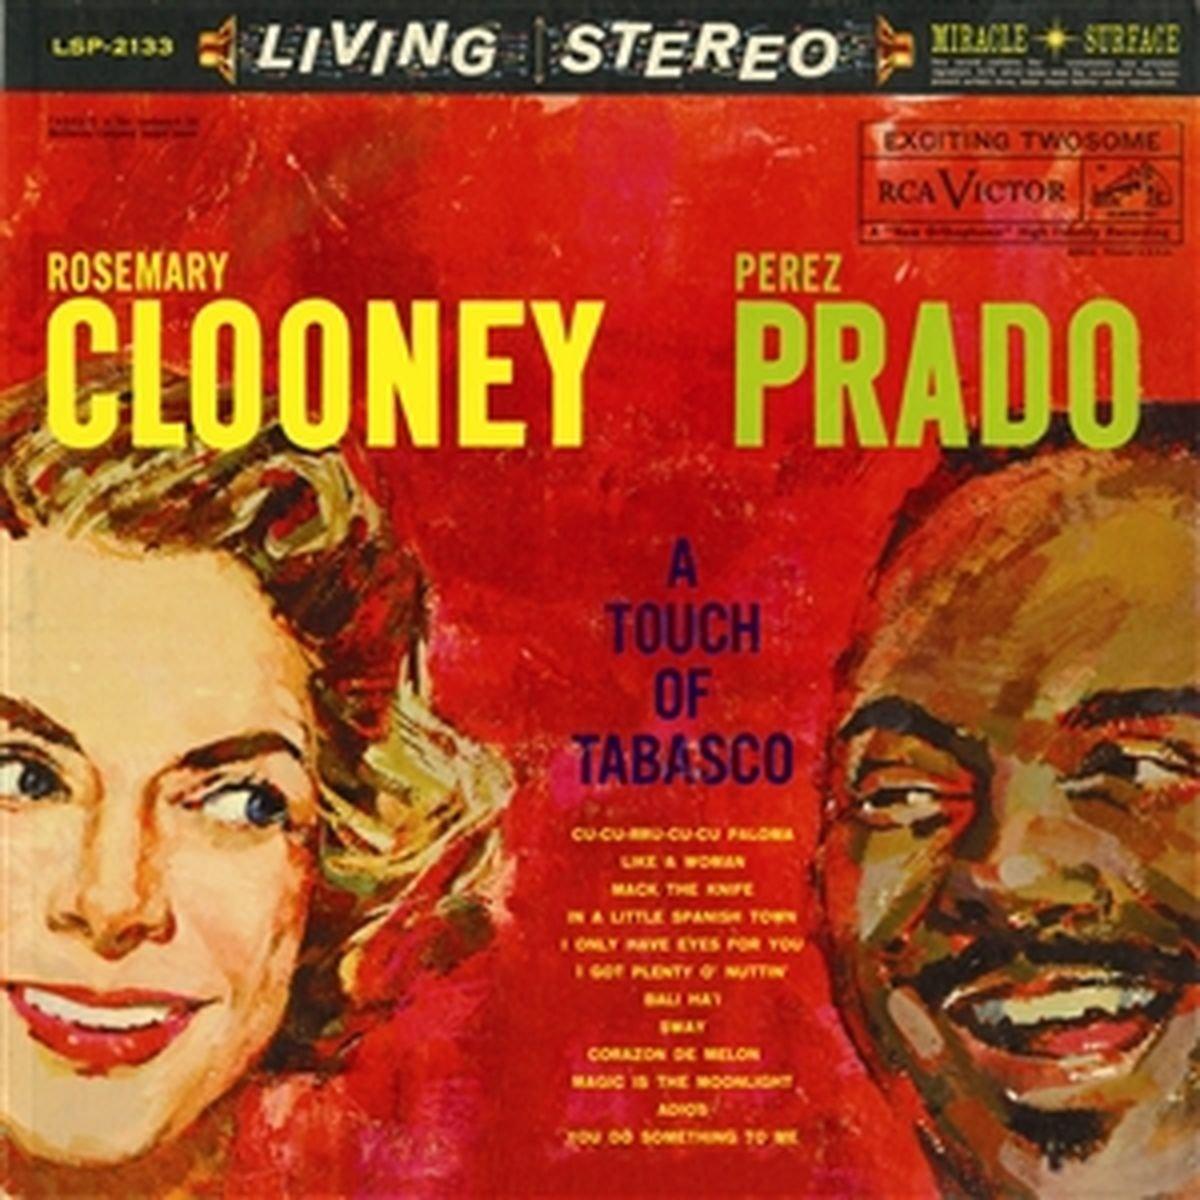 Pérez Prado - A Touch Of Tabasco (180 Gram Vinyl)